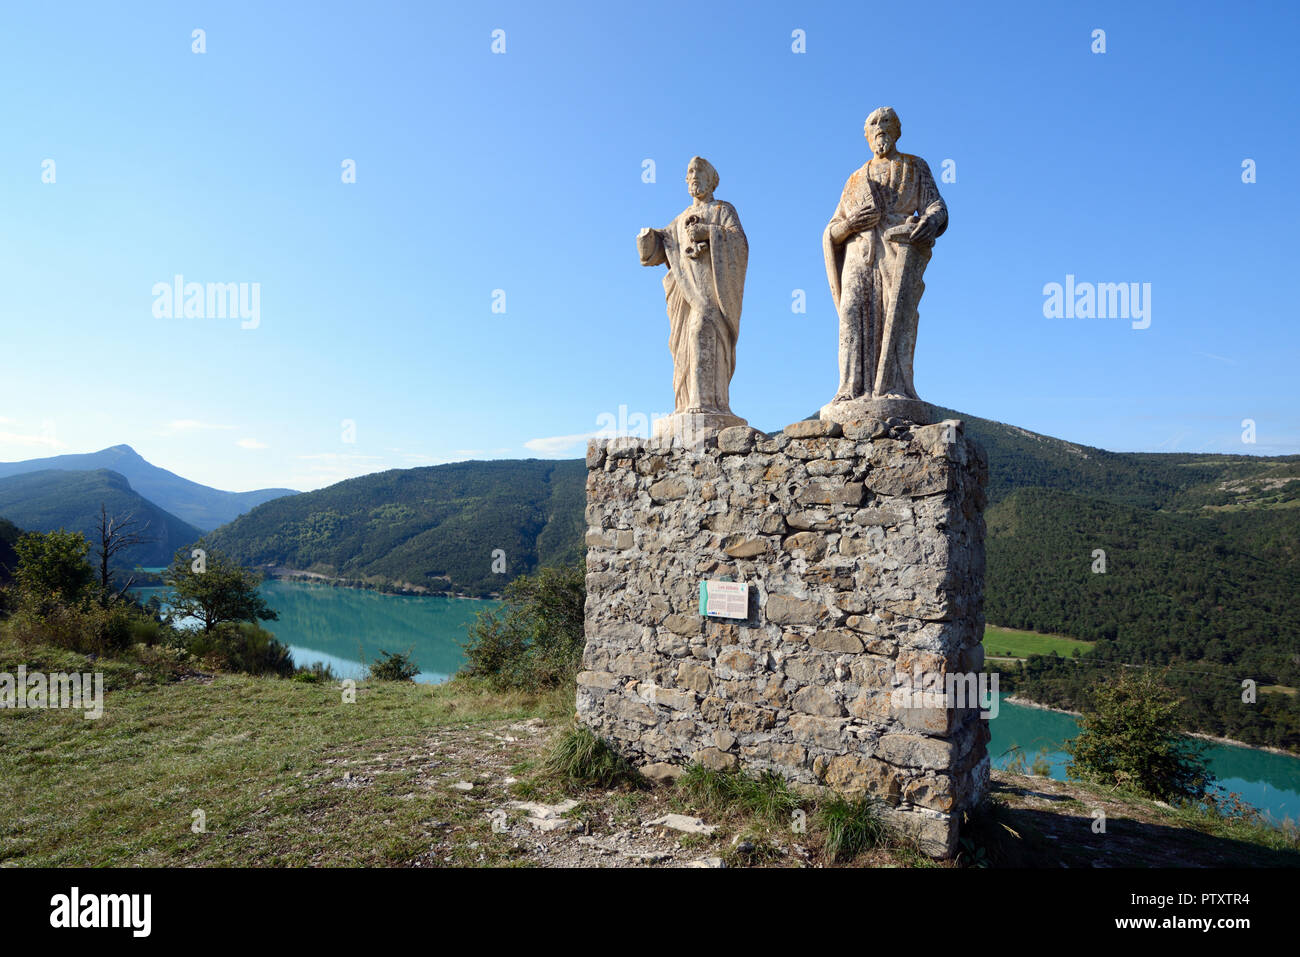 Statues of Saints Peter & Paul (1891) Above Castillon Lake in the Verdon Valley & Regional Park Saint André-les-Alpes Alpes-de-Haute-Provence France - Stock Image